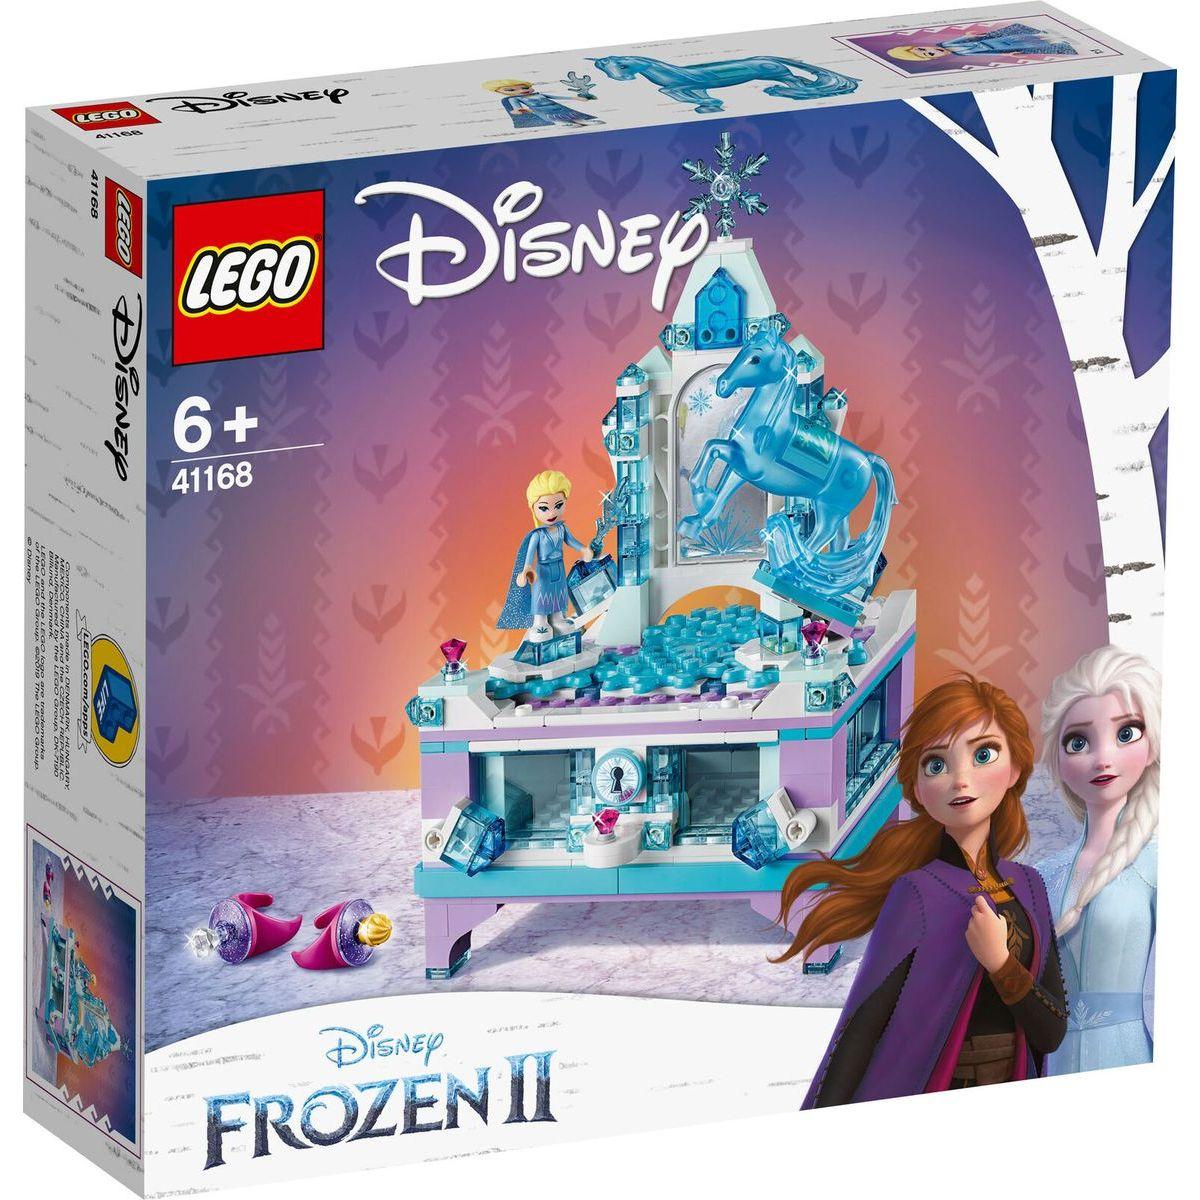 LEGO Disney Princess 41168 Elsina kouzelná šperkovnice - Poškozený obal